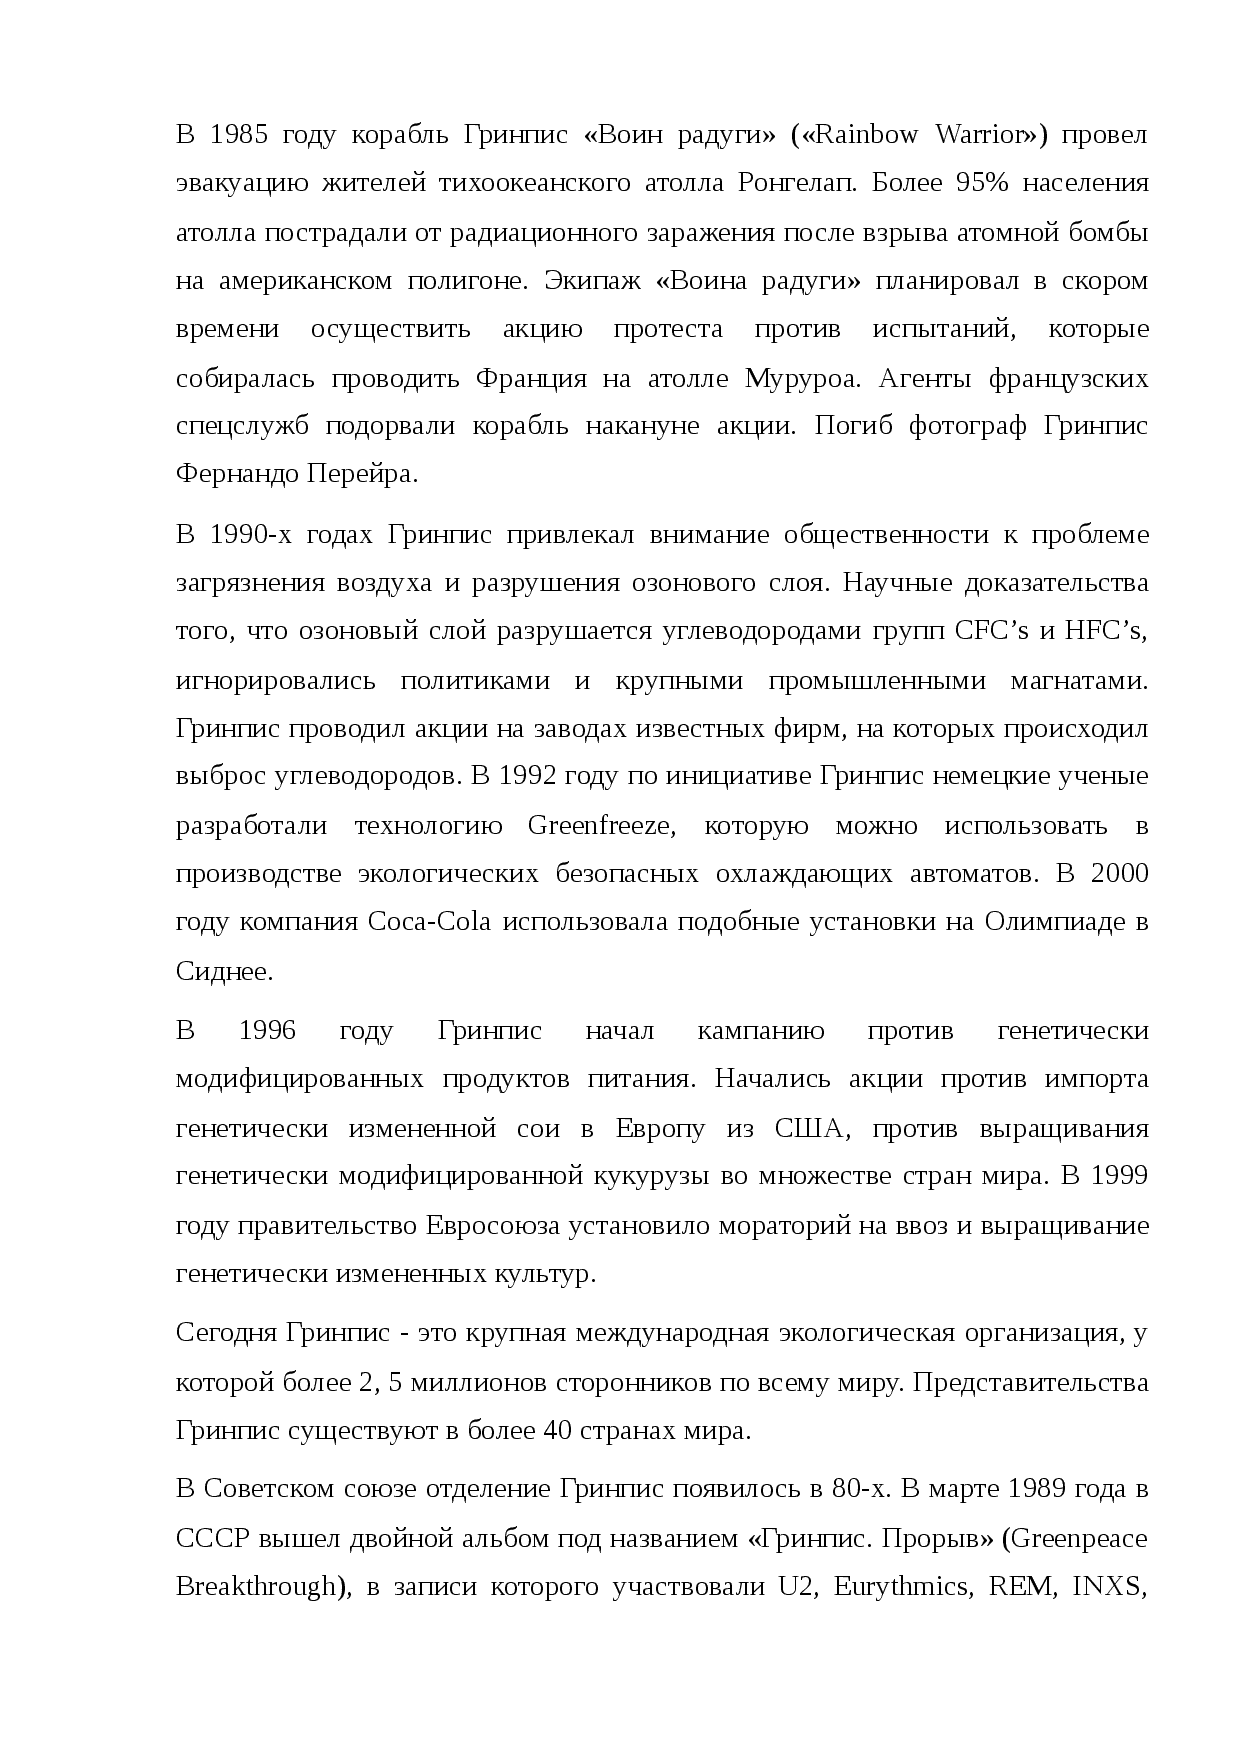 гринпис дата создания